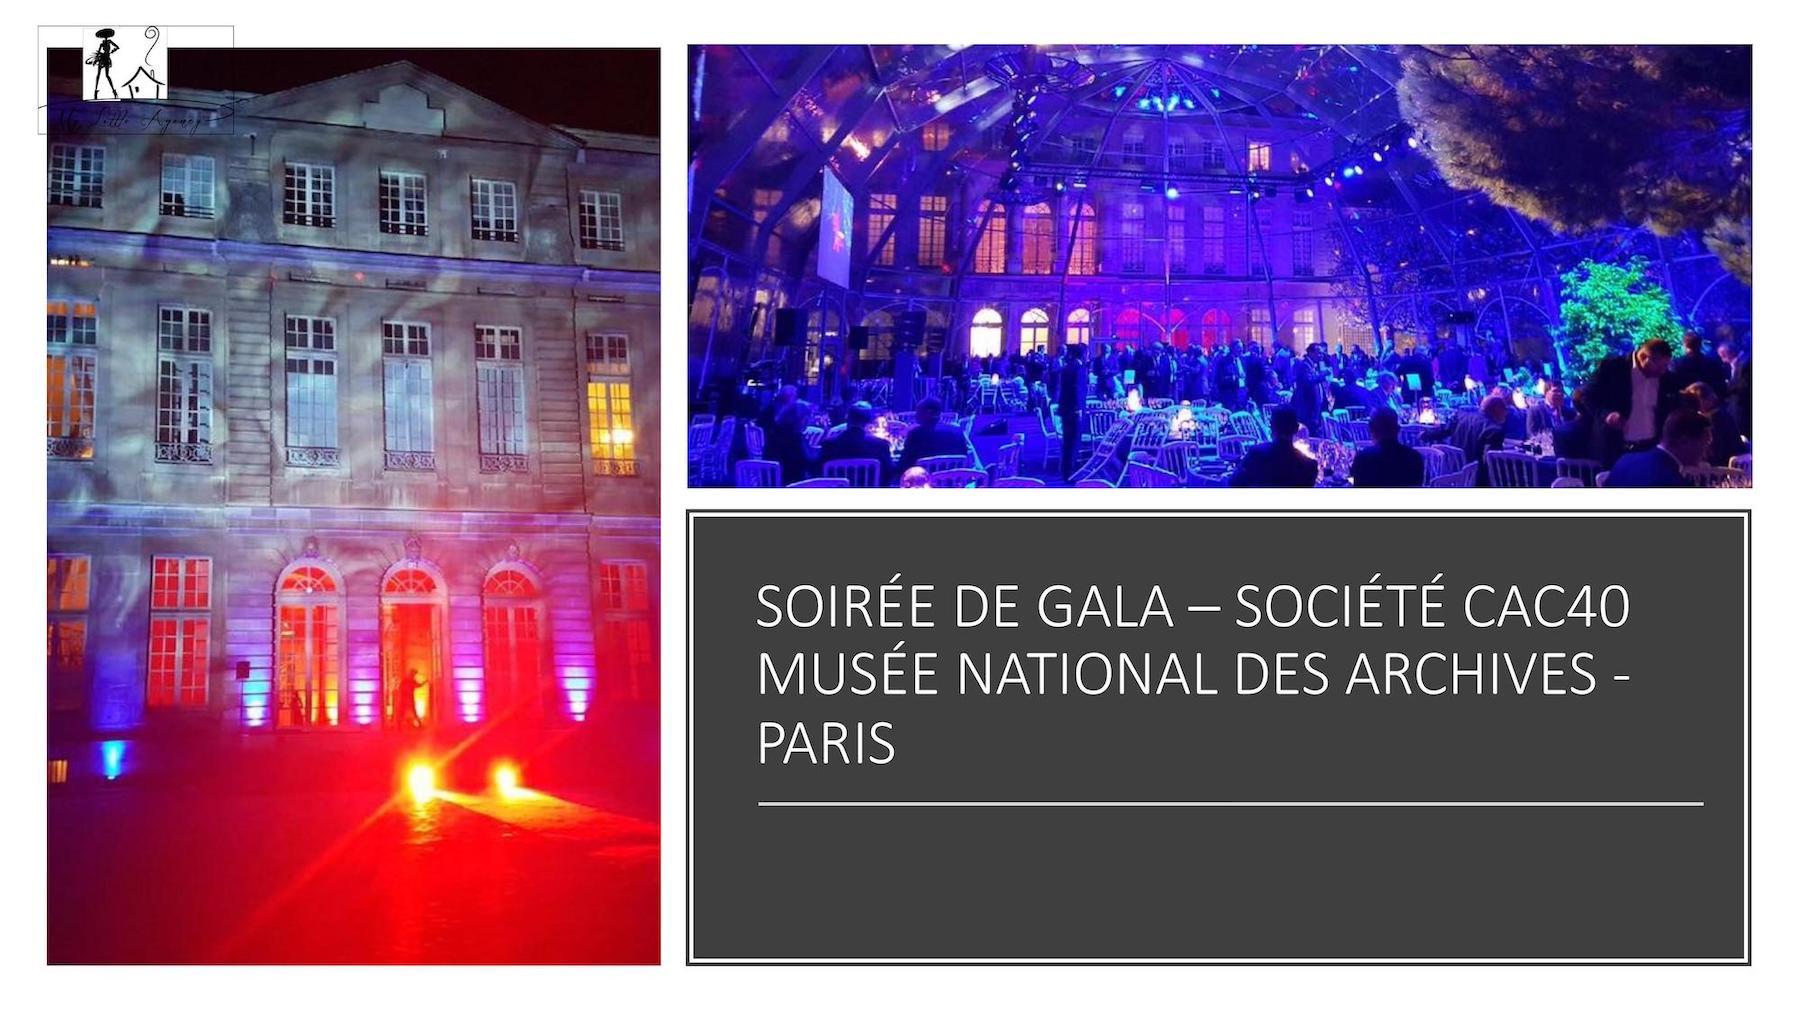 SOIREE ARCHIVES DE PARIS